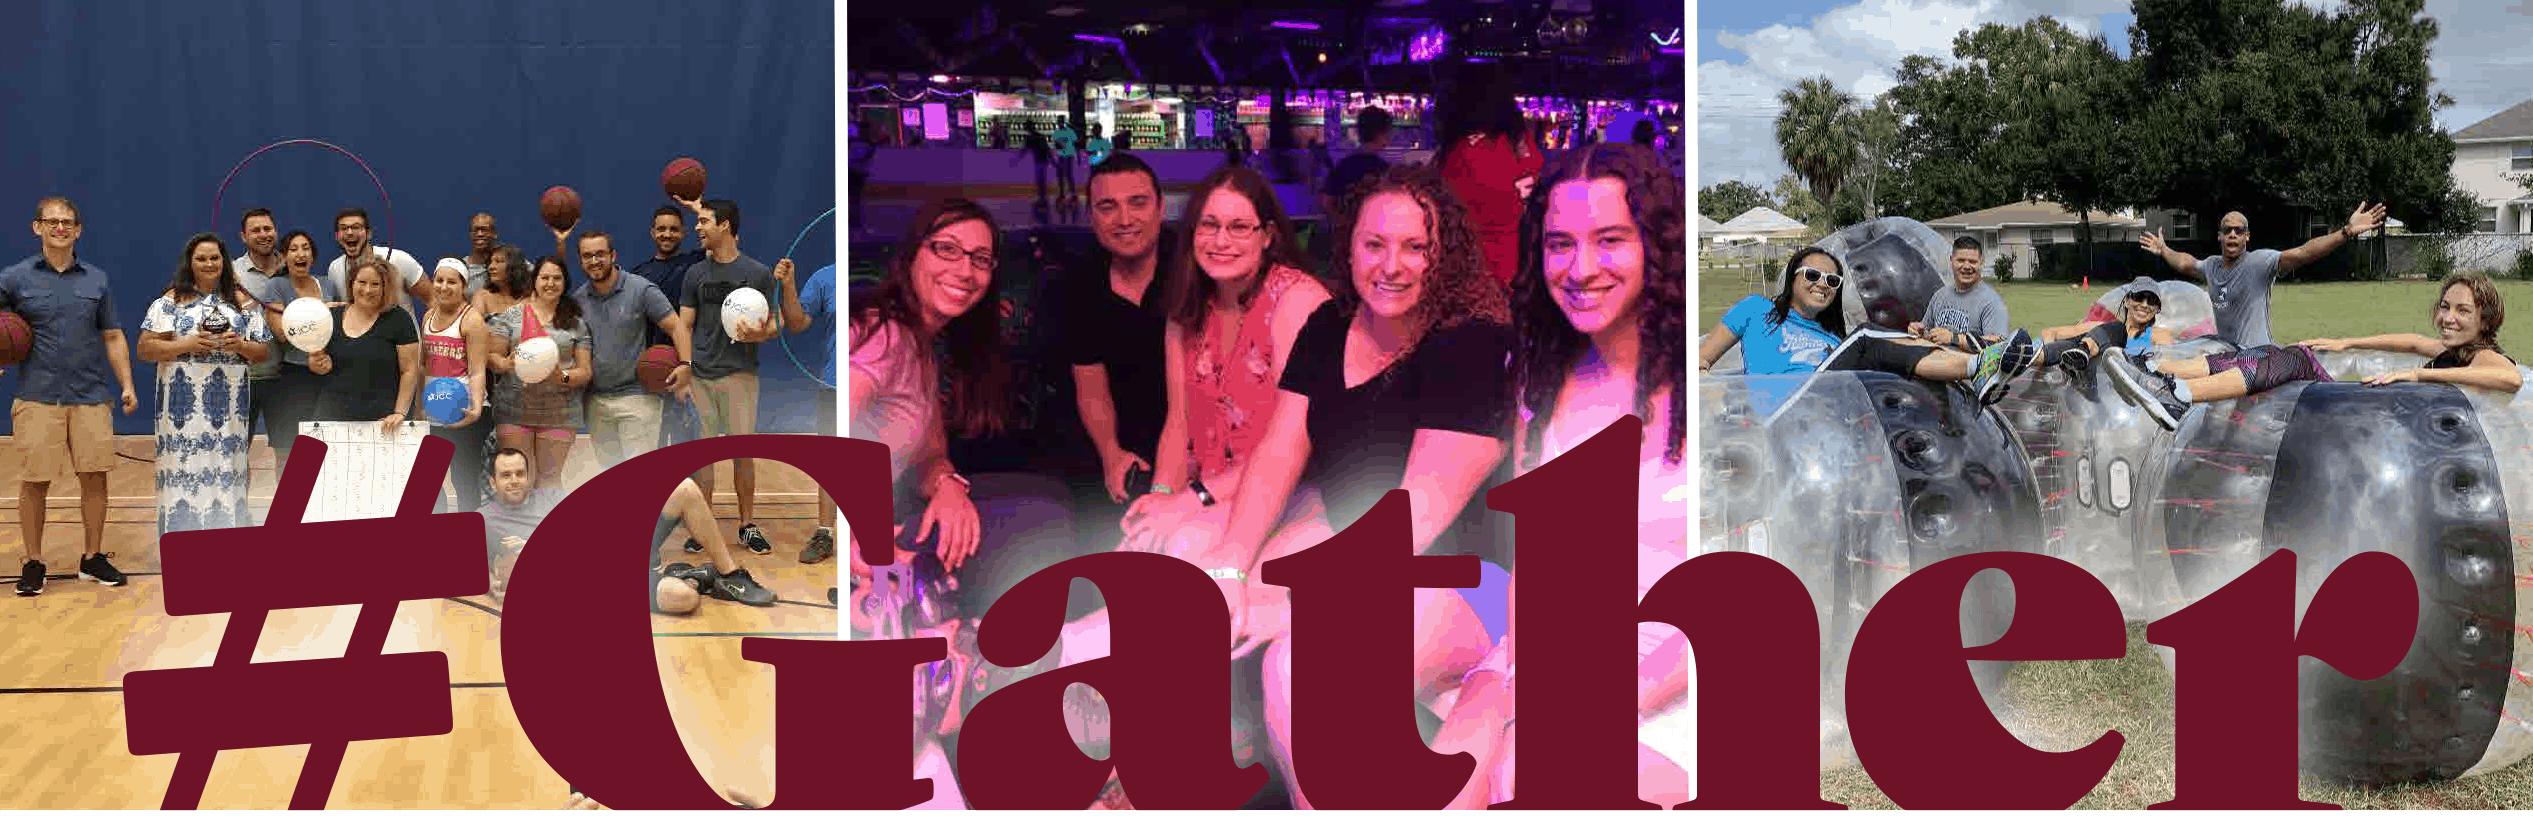 Gather Virtual Fun and Games, Jewish Tampa